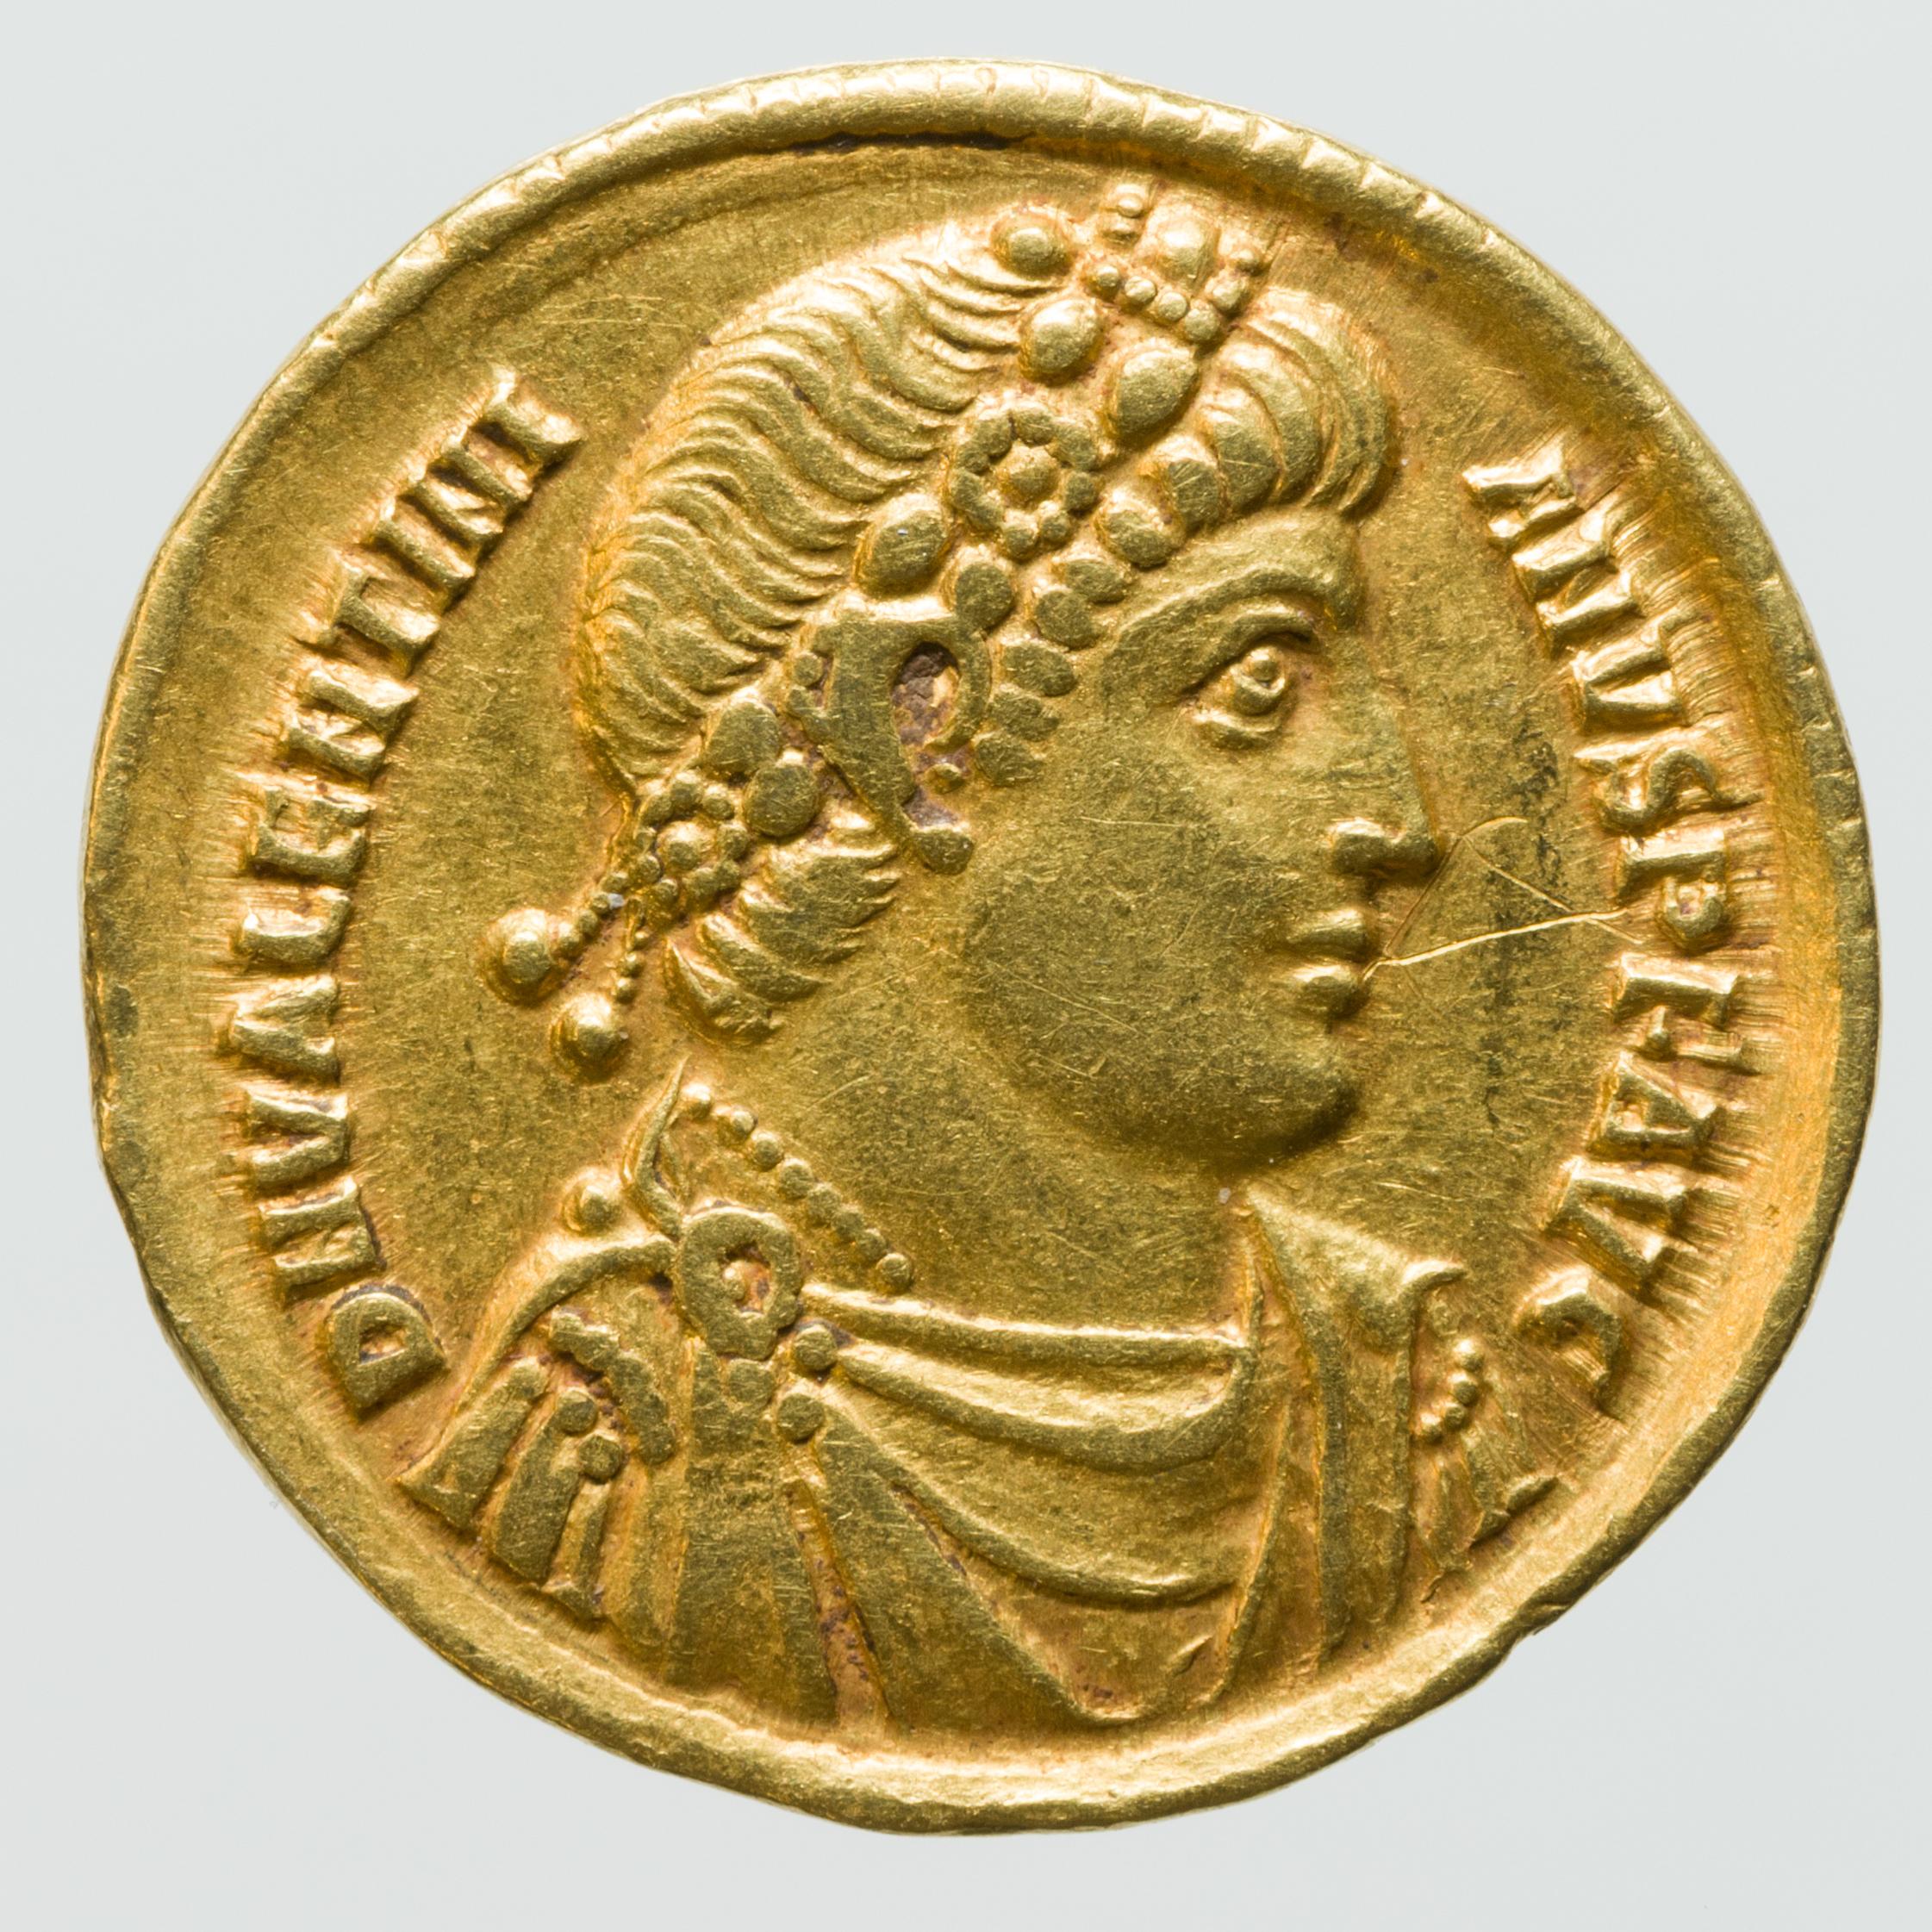 Zeldzame gouden Romeinse munt gevonden in Isral